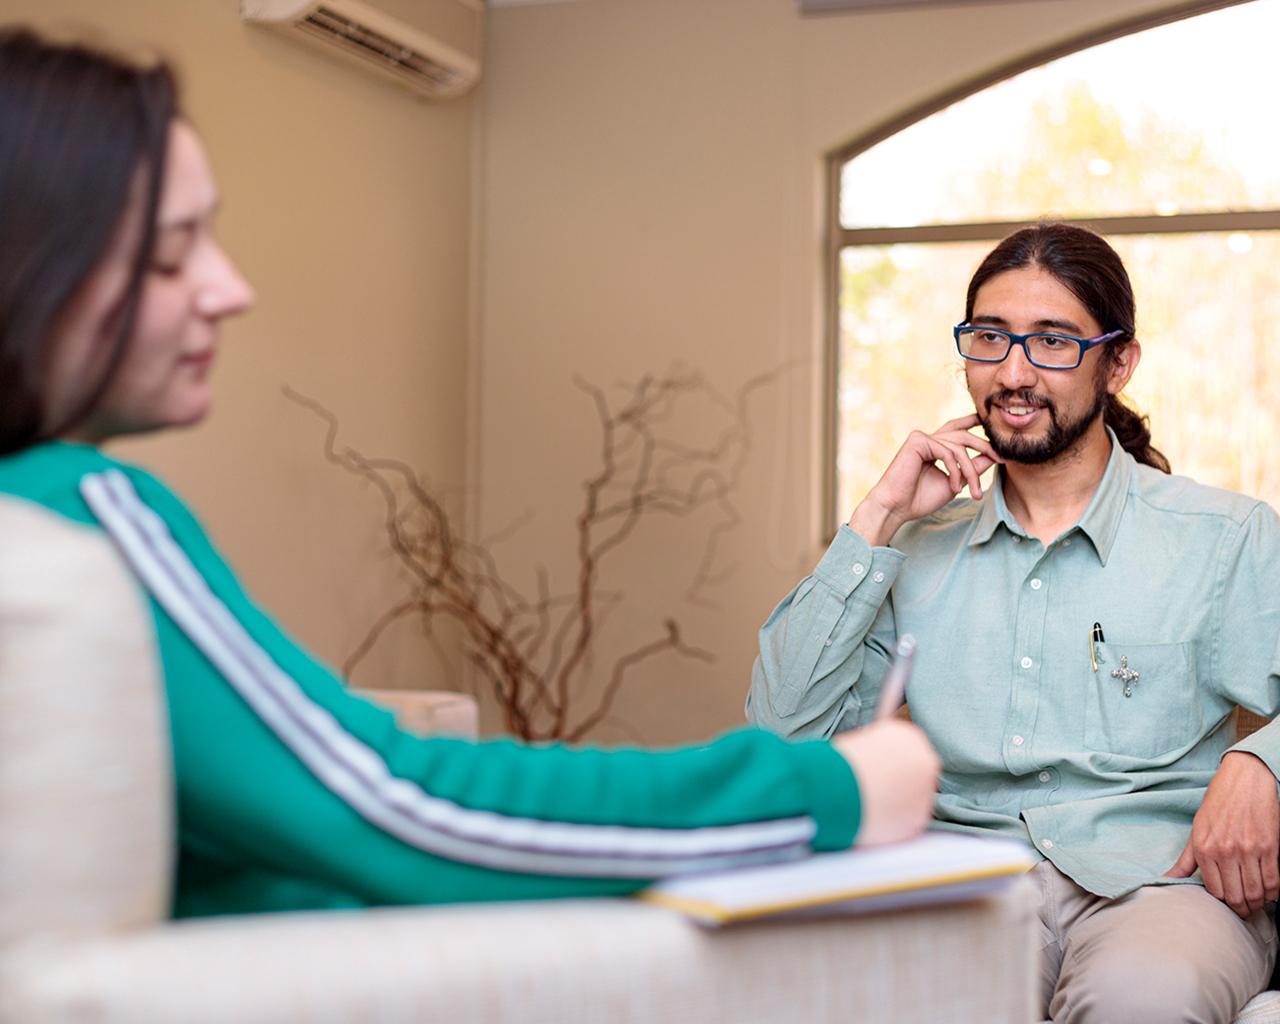 Universidades comparten experiencias sobre atención de salud para estudiantes